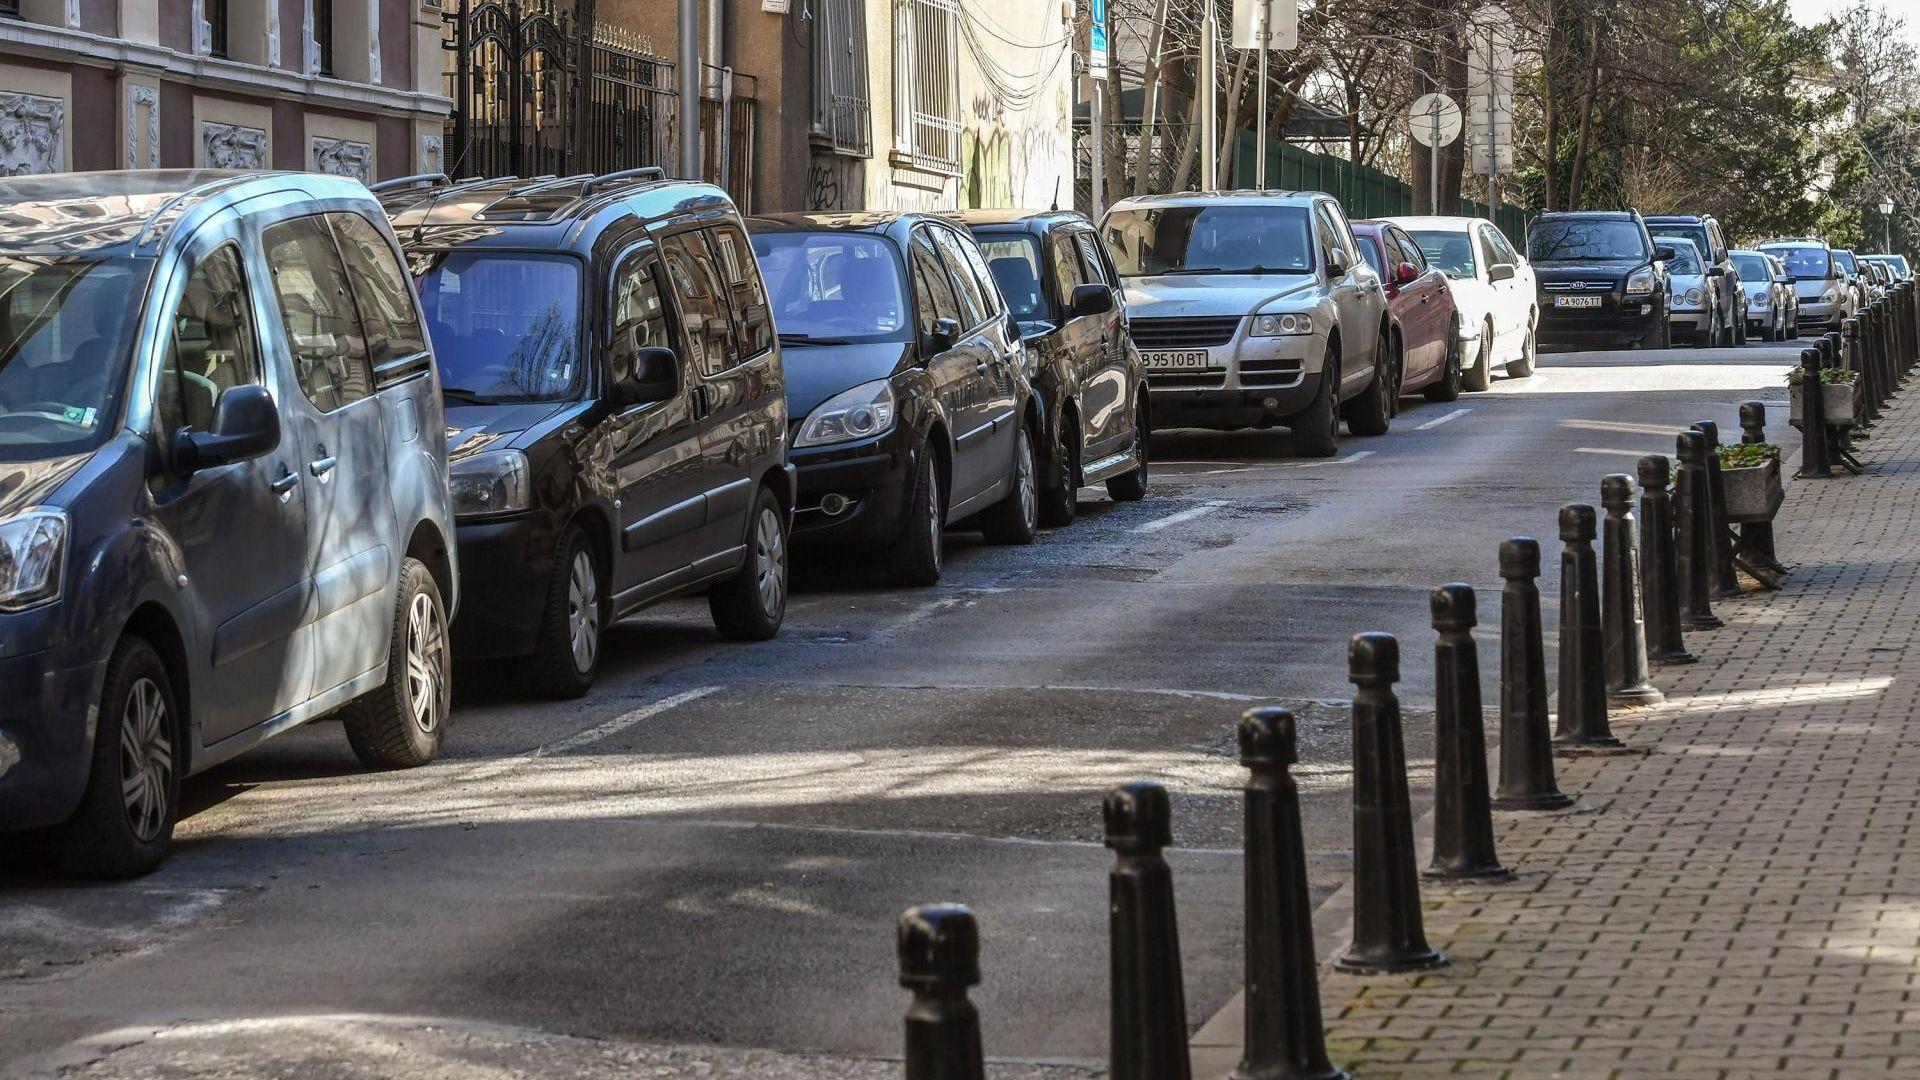 Пандемията ще нанесе сериозен удар по София: какви ще са щетите и къде